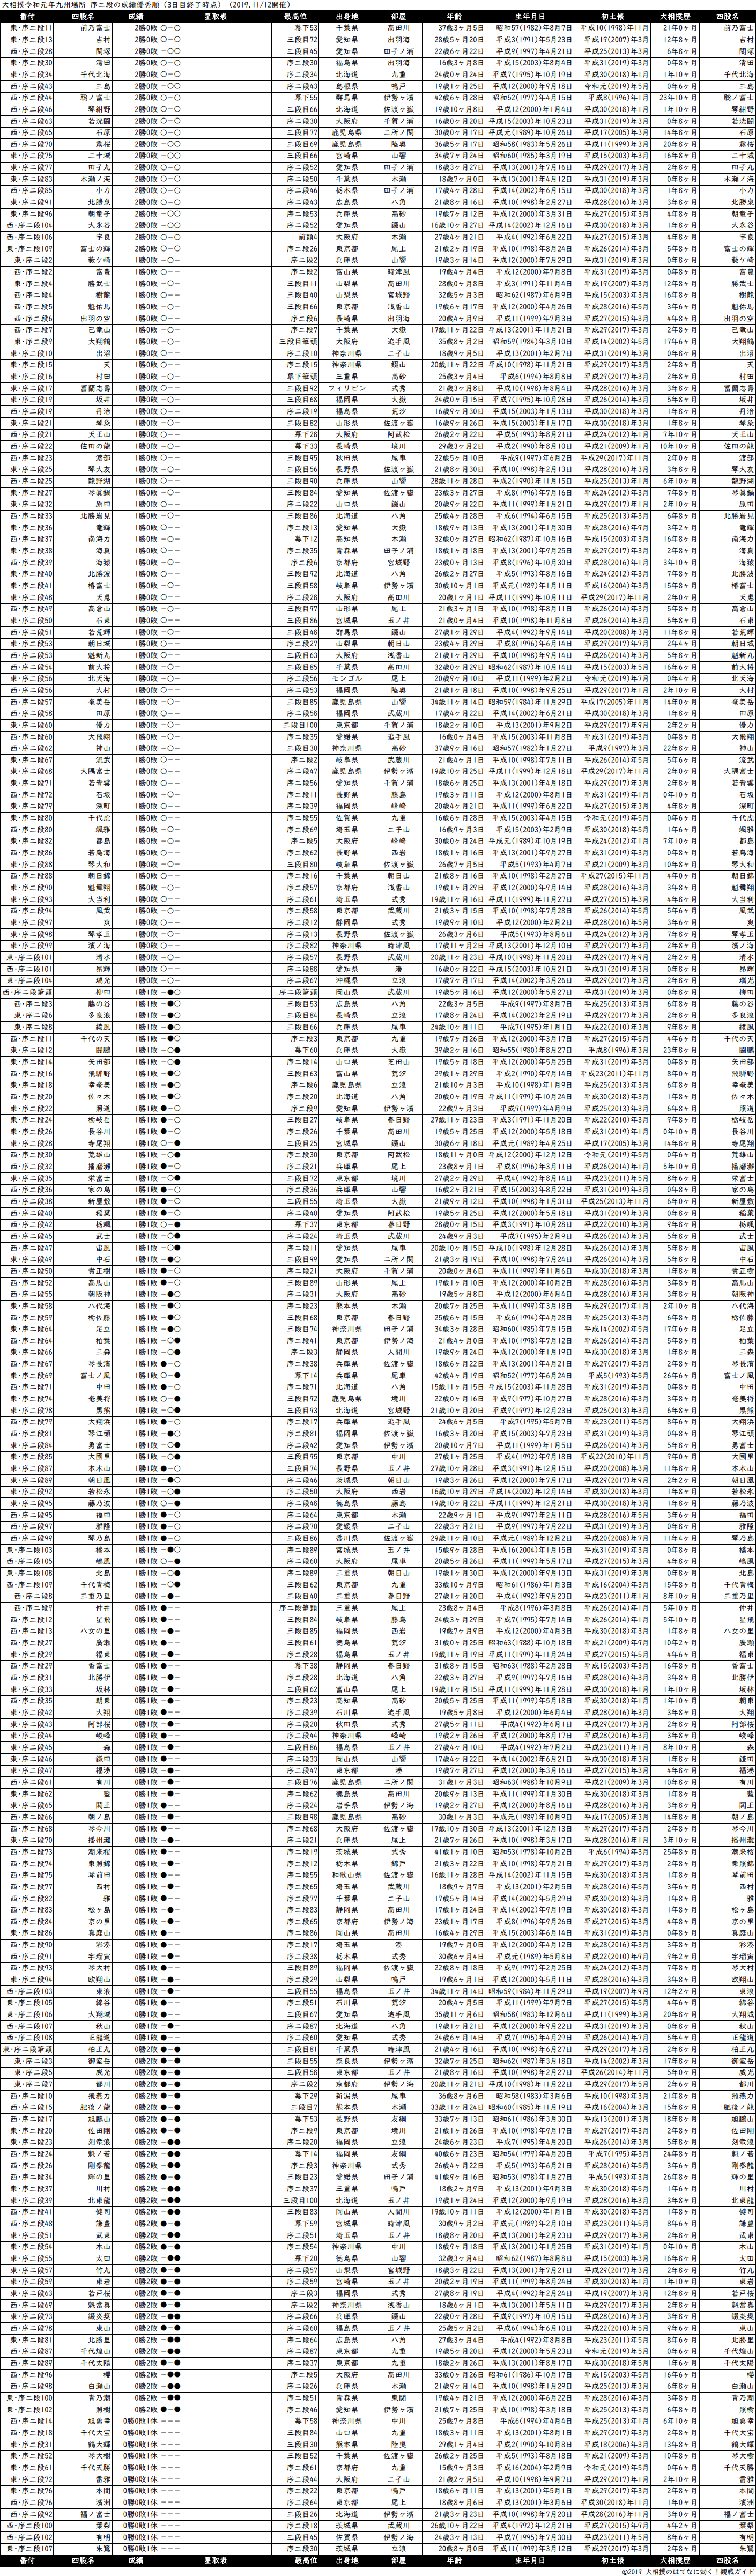 序二段成績順一覧表・2019年11月場所3日目